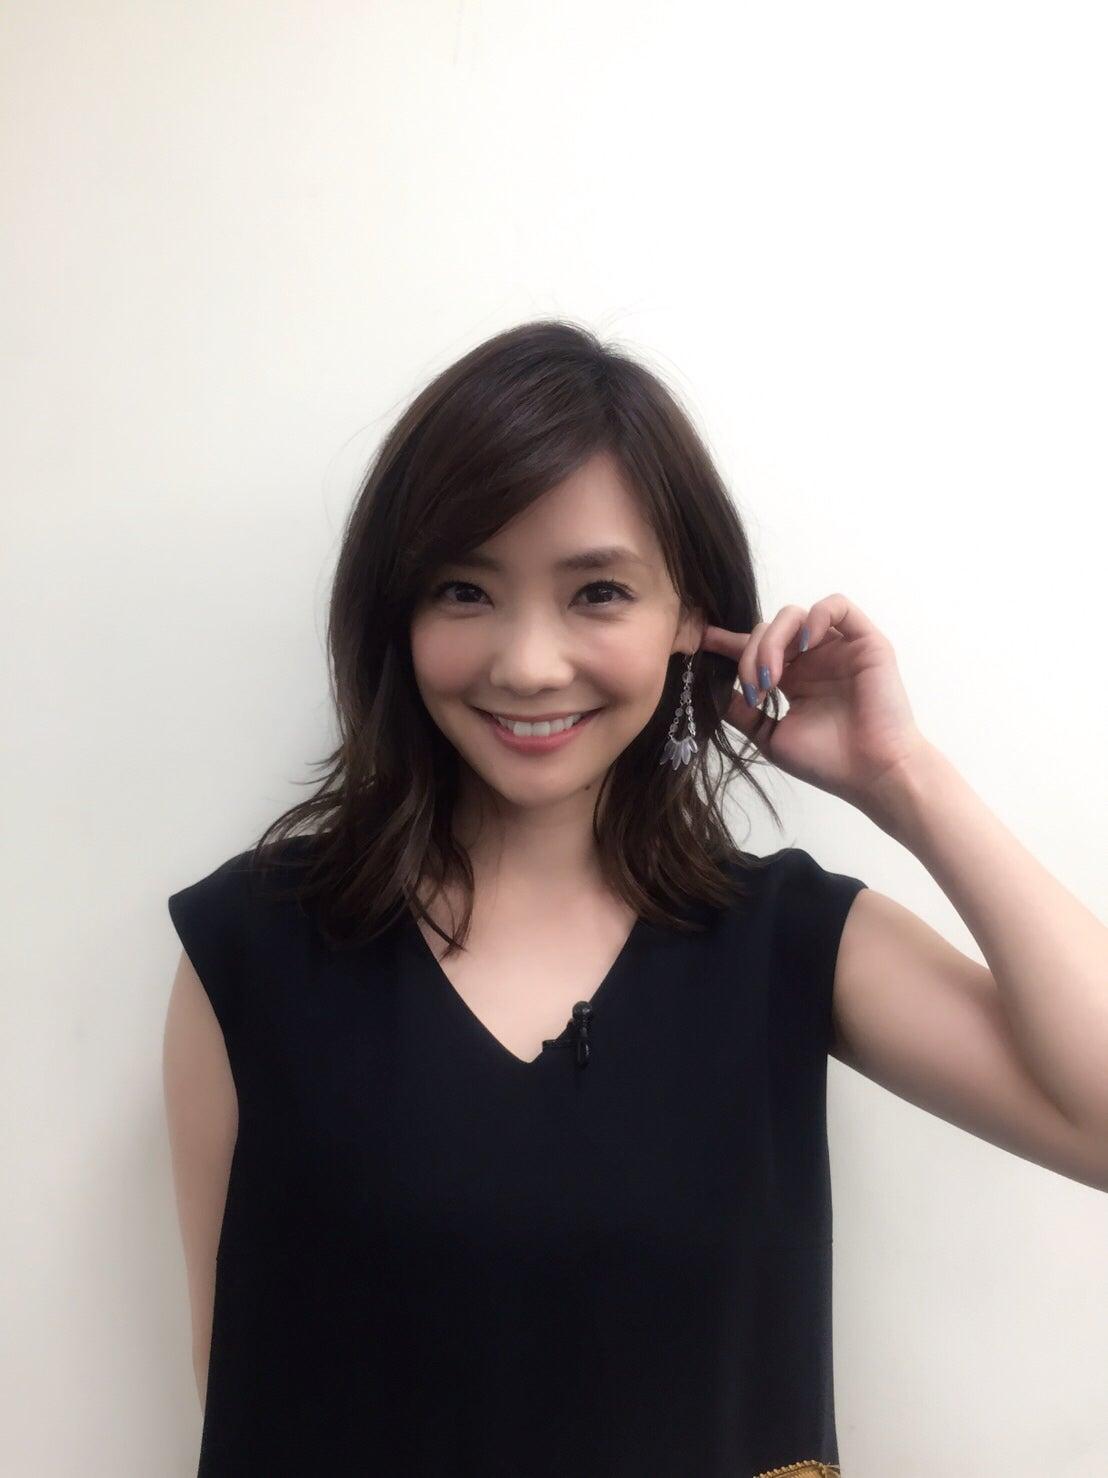 倉科カナ オフィシャルブログ Powered by Ameba